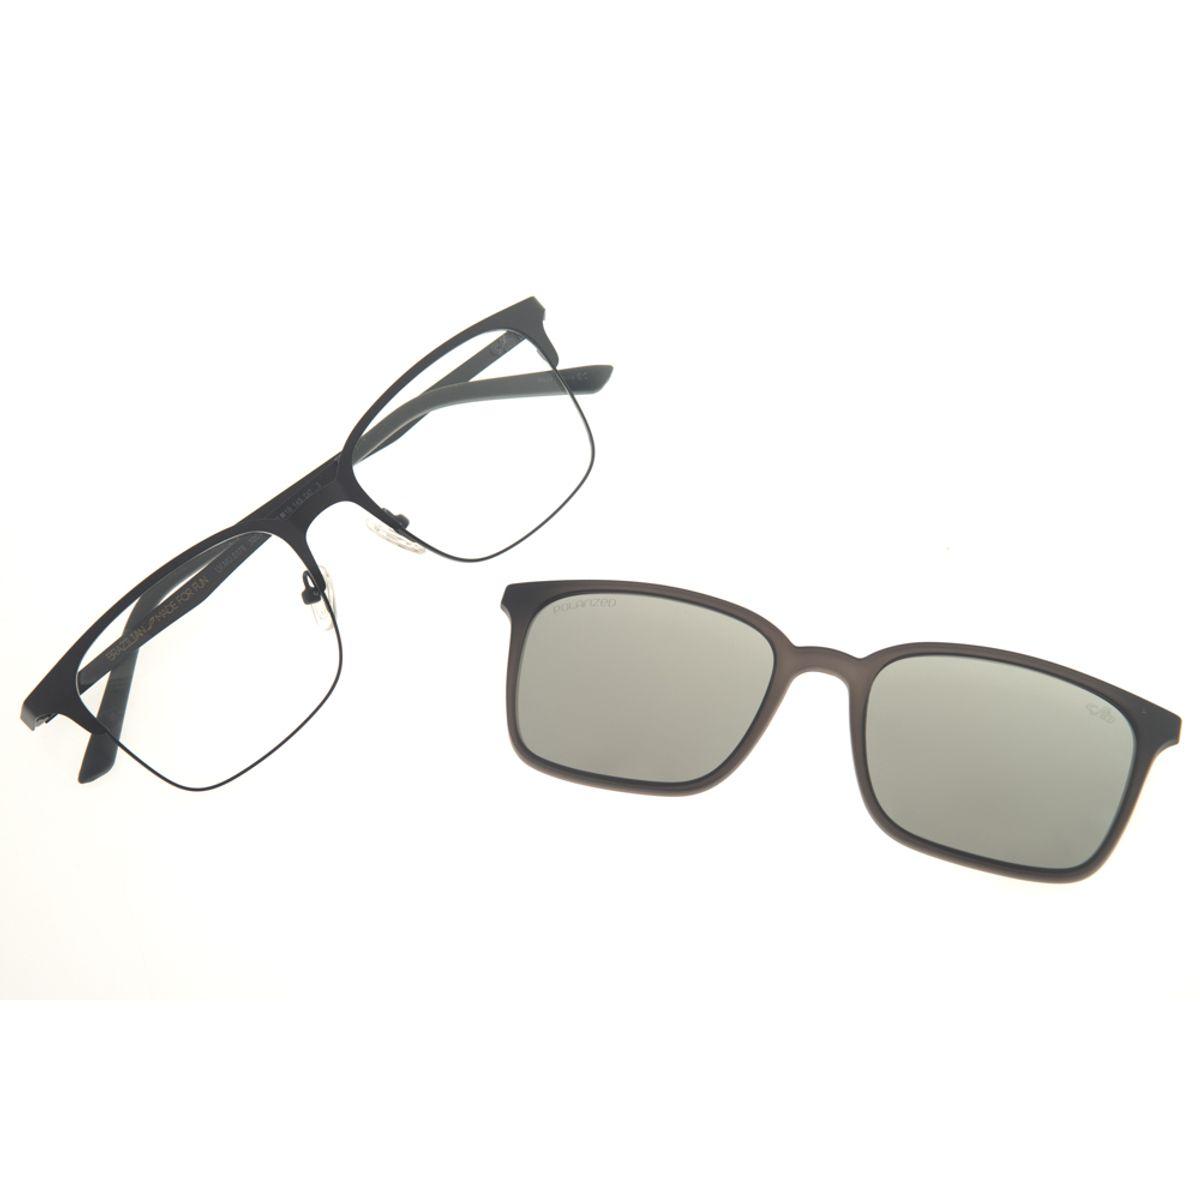 a28b57689 Armação para óculos de Grau Masculina Chilli Beans Multi 2 em 1 ...